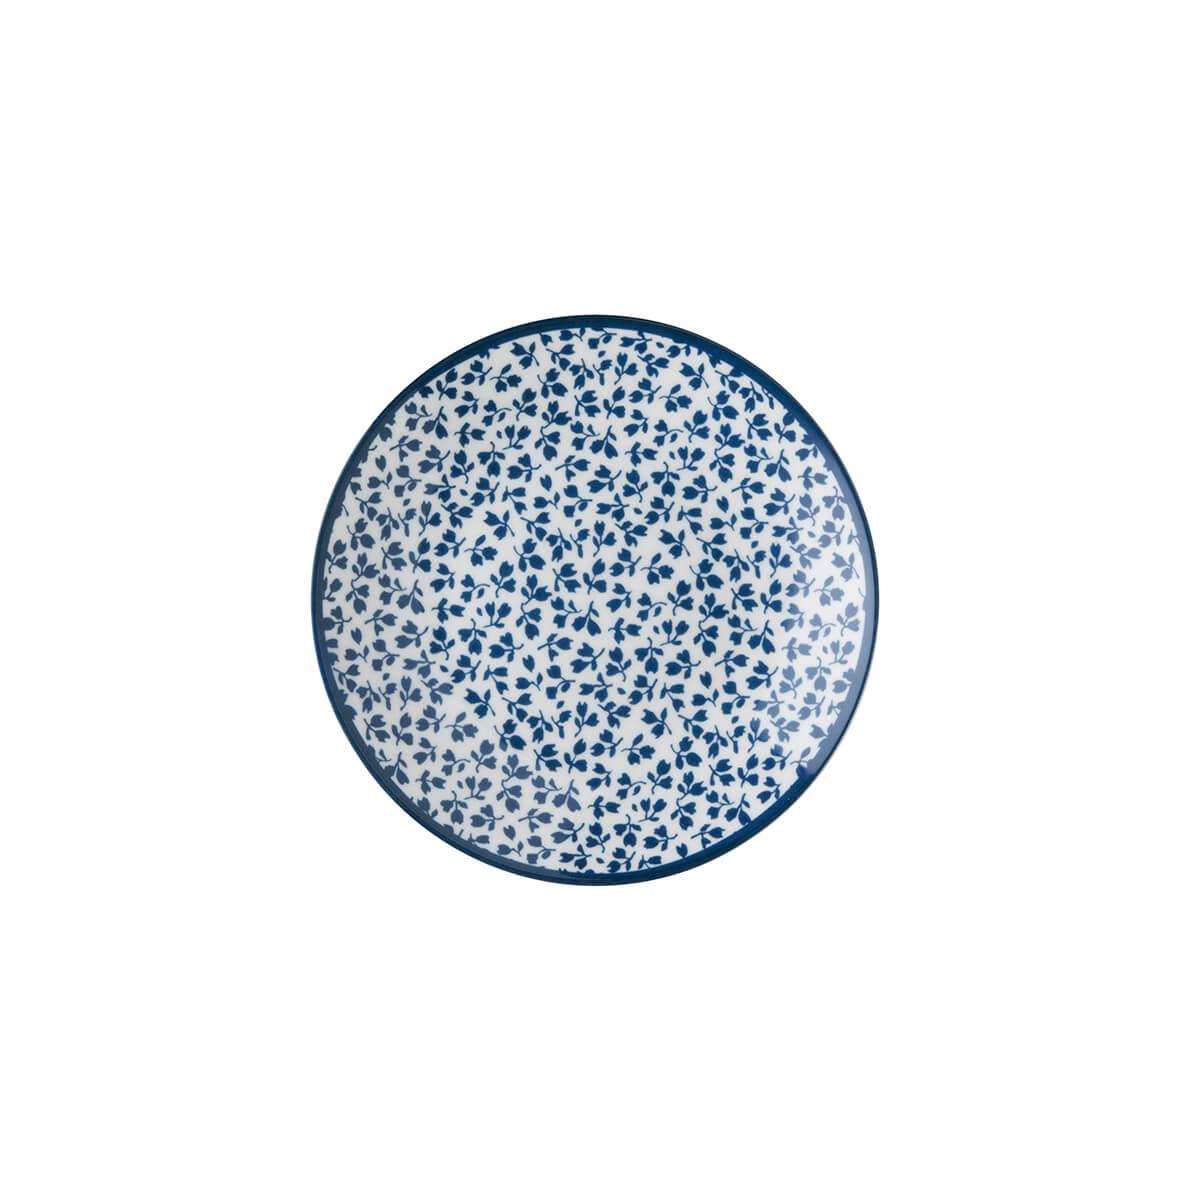 Онлайн каталог PROMENU: Тарелка маленькая фарфоровая Laura Ashley BLUEPRINT, 12 см, белый в синий мелкий цветок                               178274